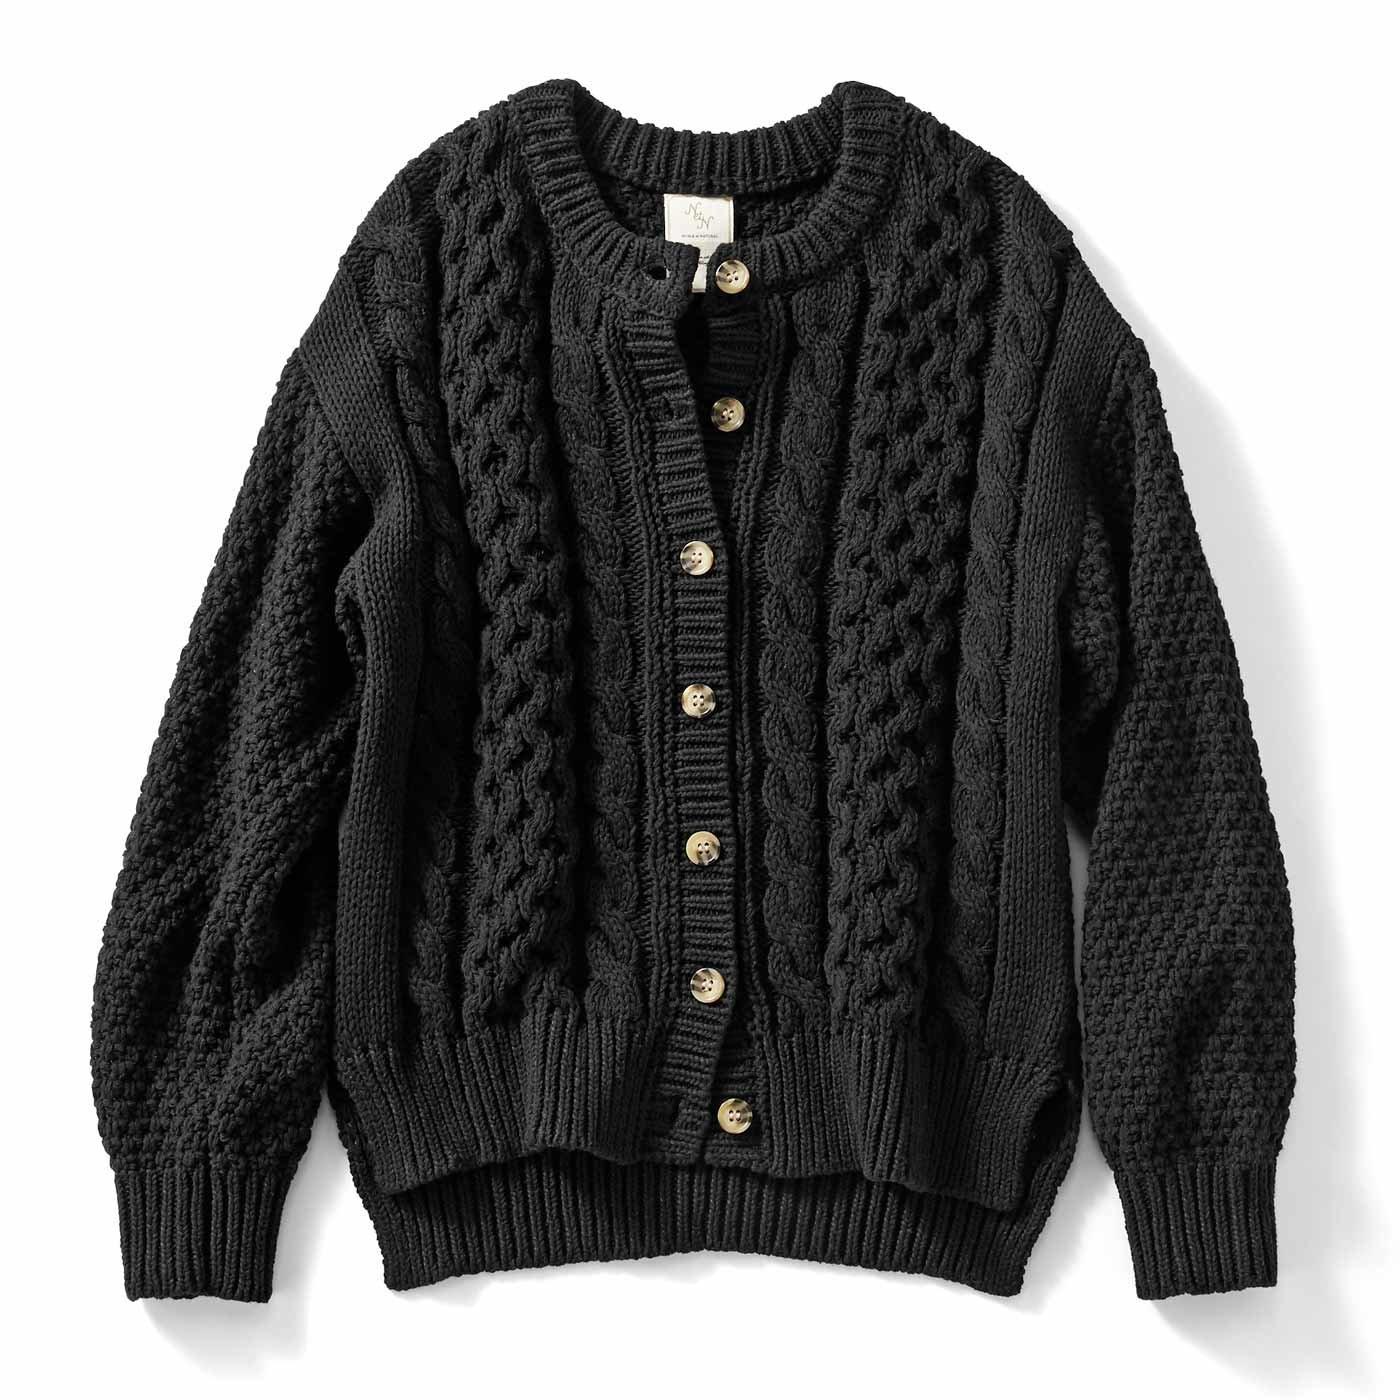 IEDIT[イディット] コットンニットのケーブル編みカーディガン〈ブラック〉